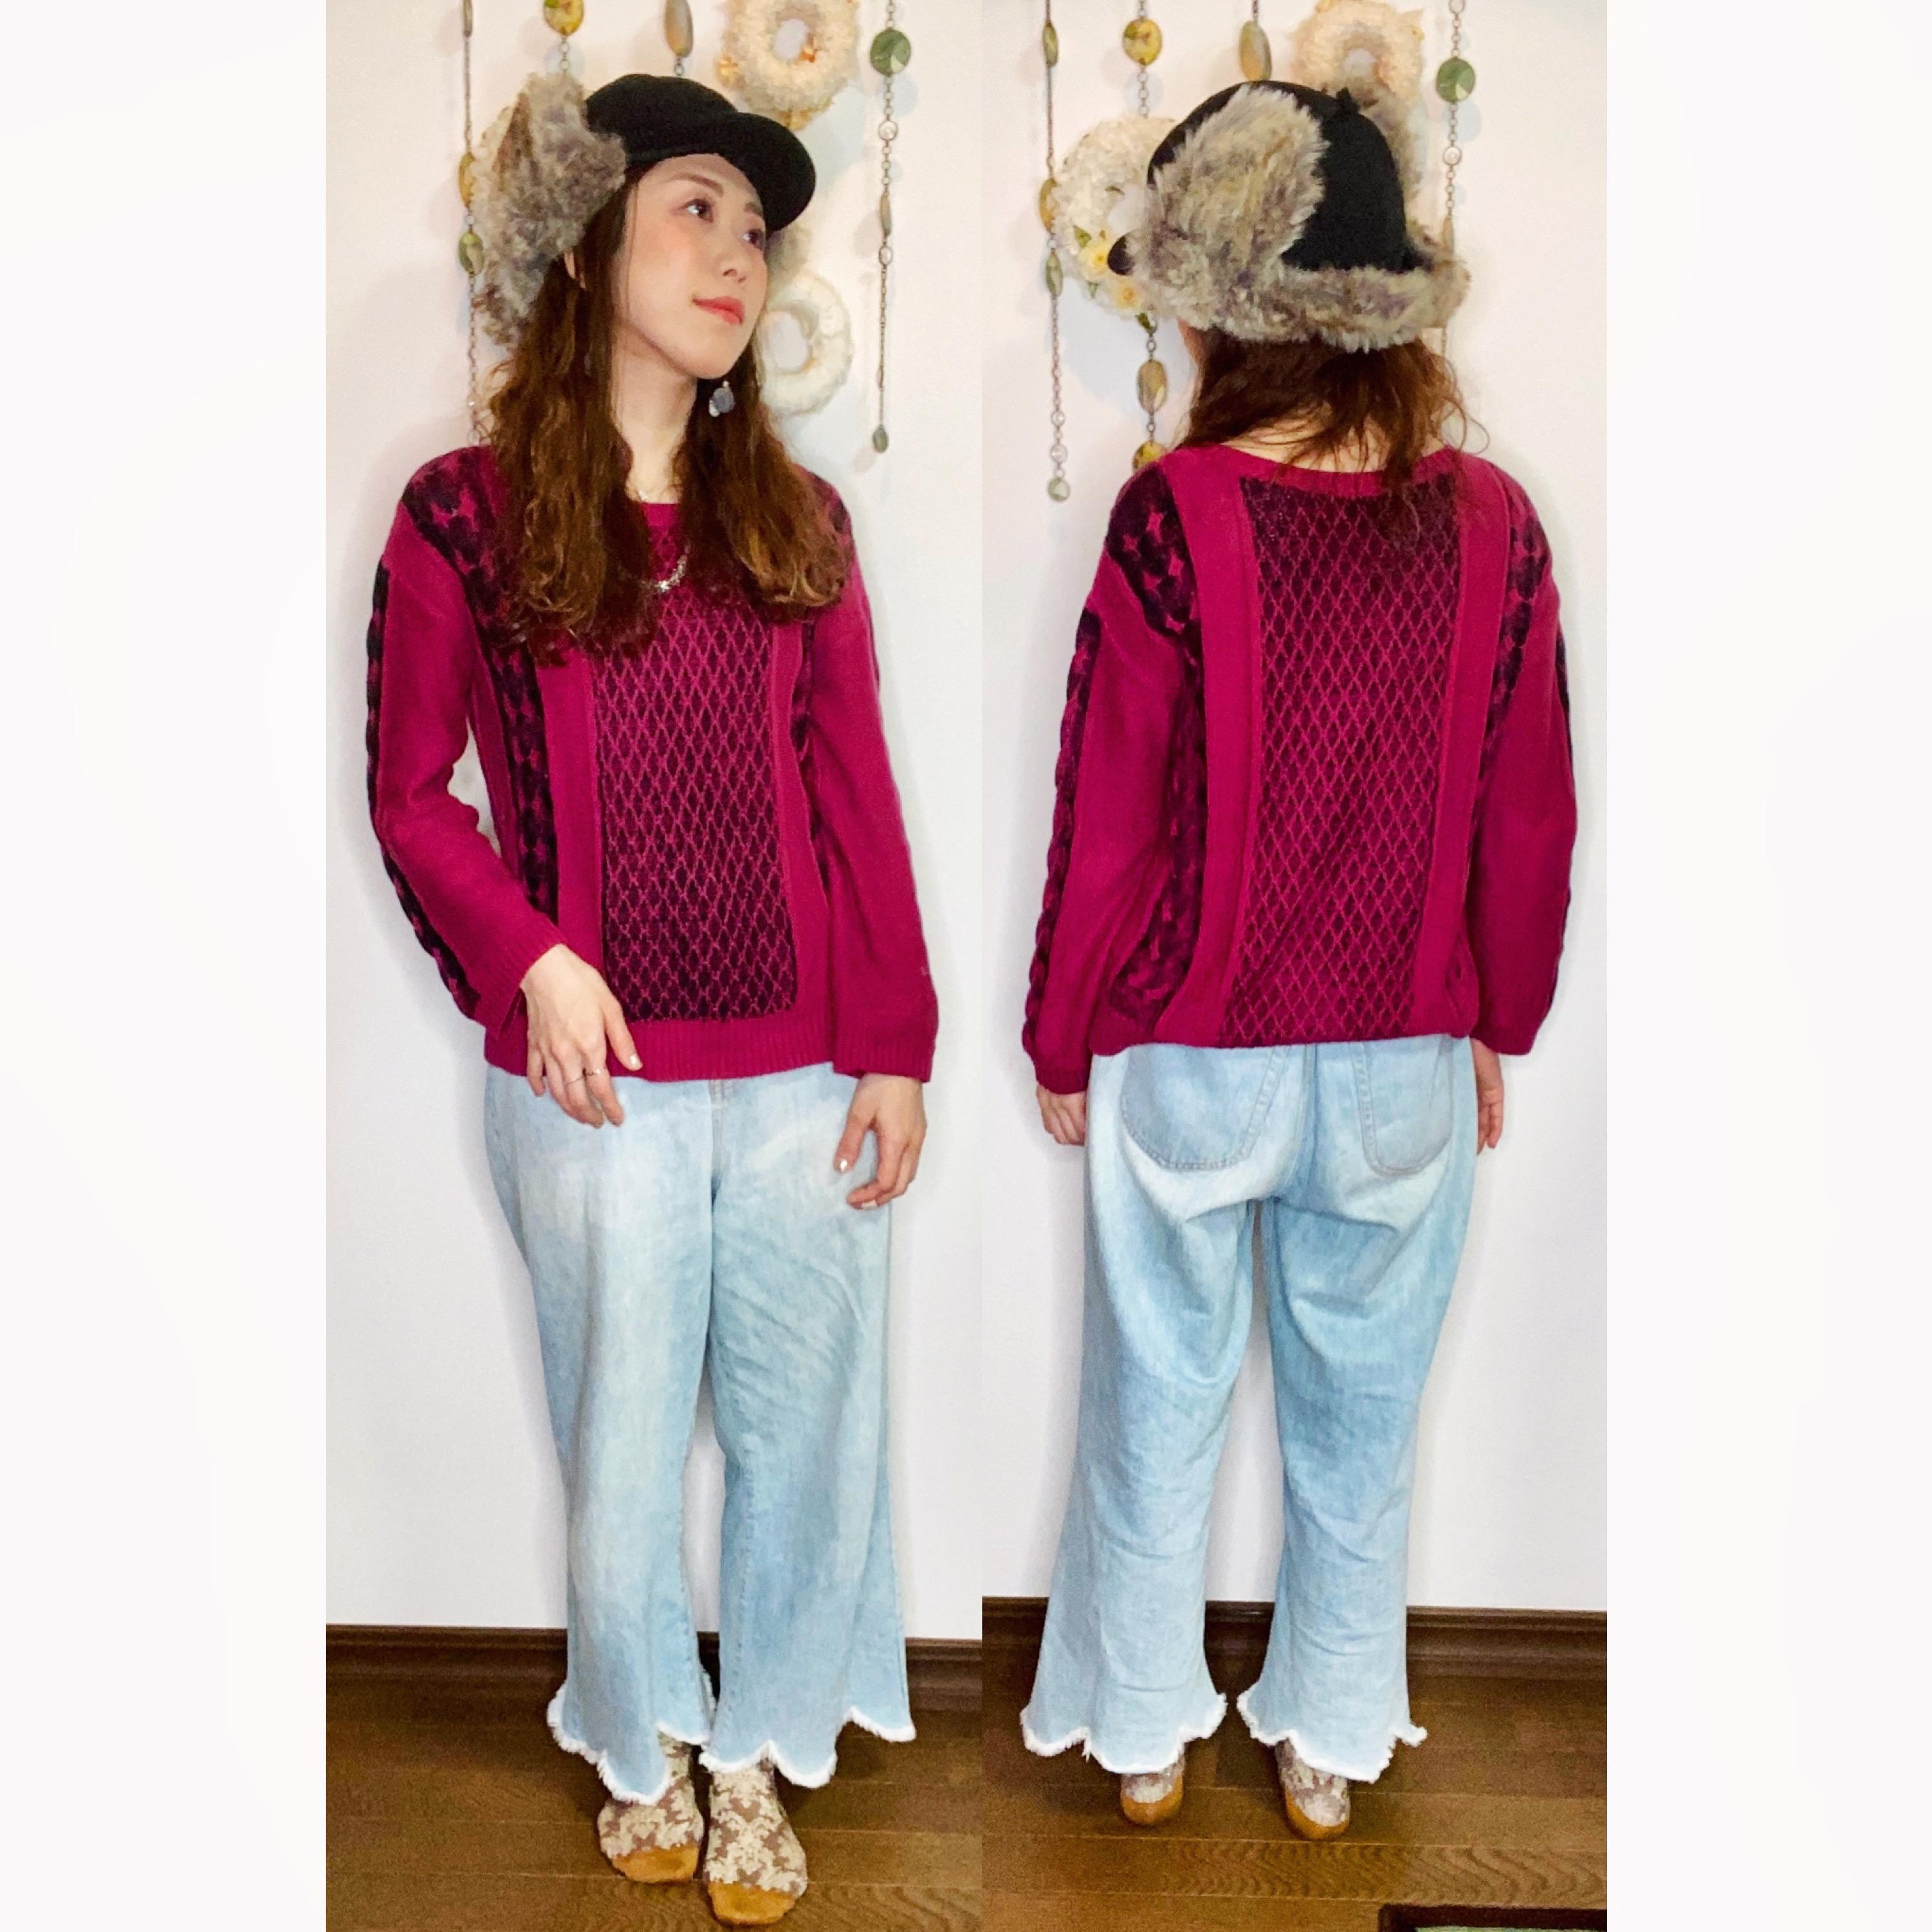 【オンナノコの休日ファッション】2020.11.22【うたうゆきこ】_1